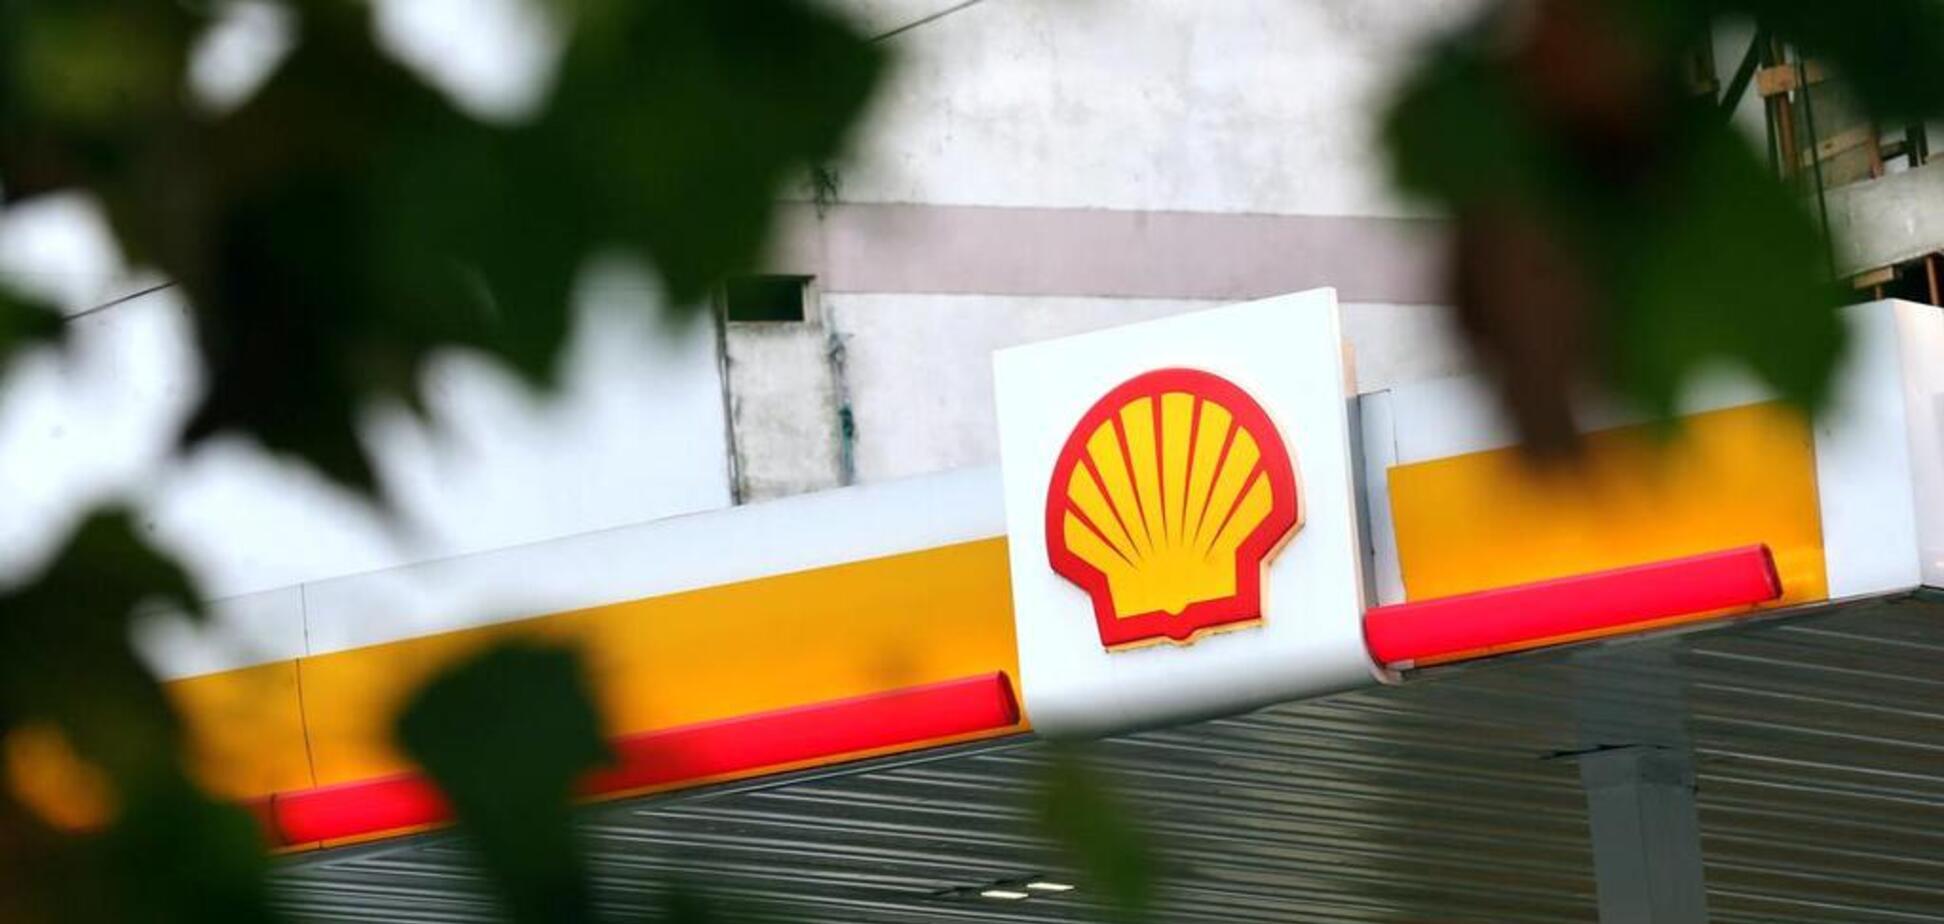 Поєднати нафту та 'зелену' енергію: концерн Shell побудує потужну станцію